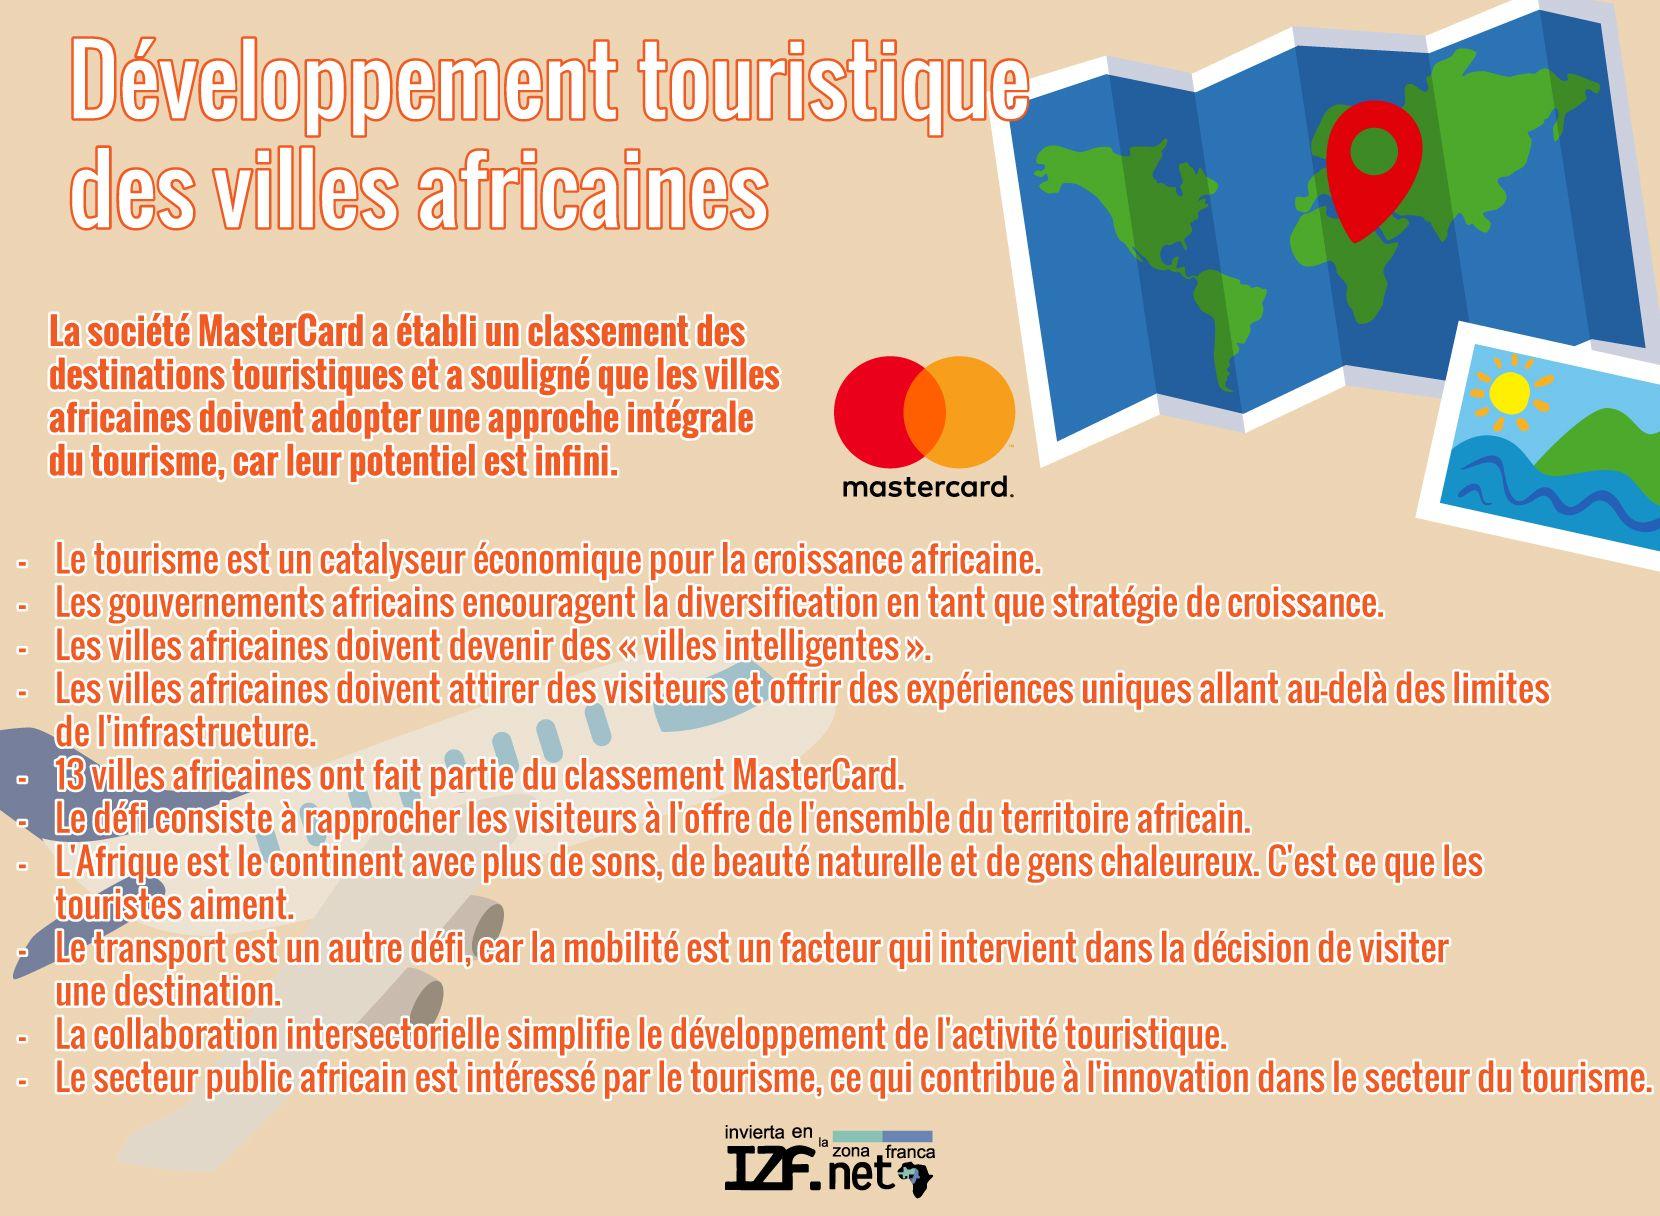 Développement touristique des villes africaines